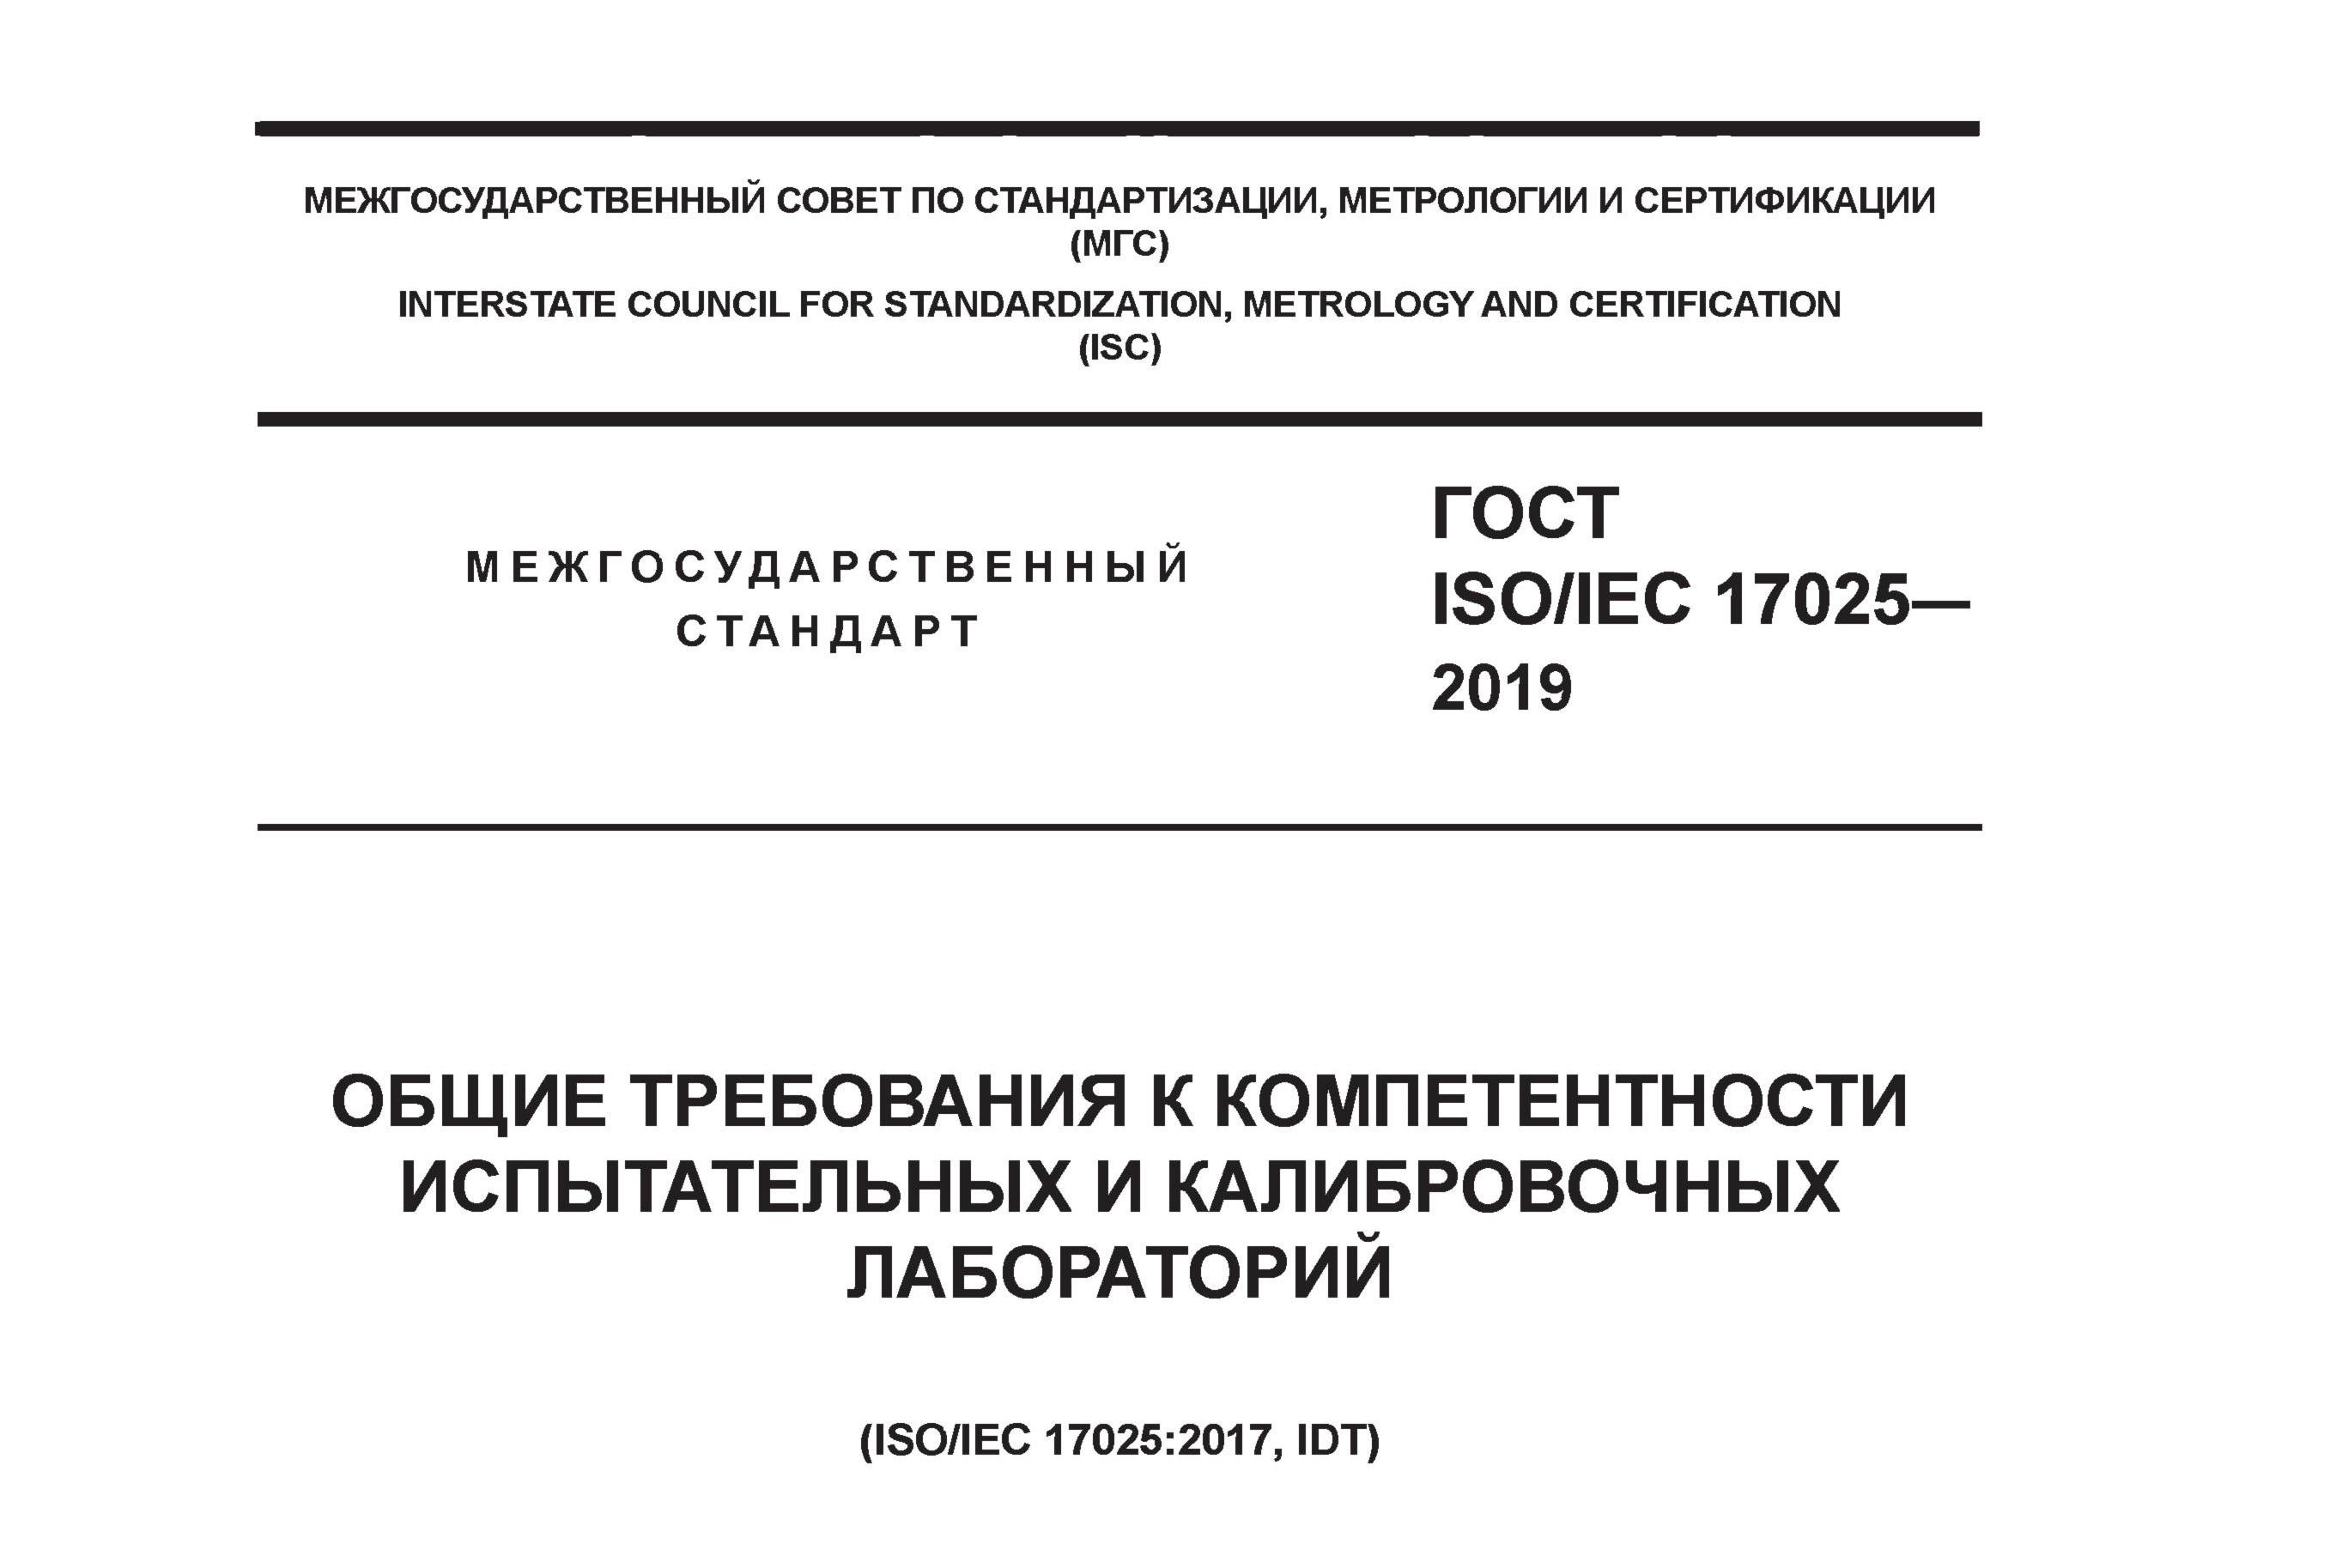 Введение нового стандарта ГОСТ ISO/IEC 17025-2019